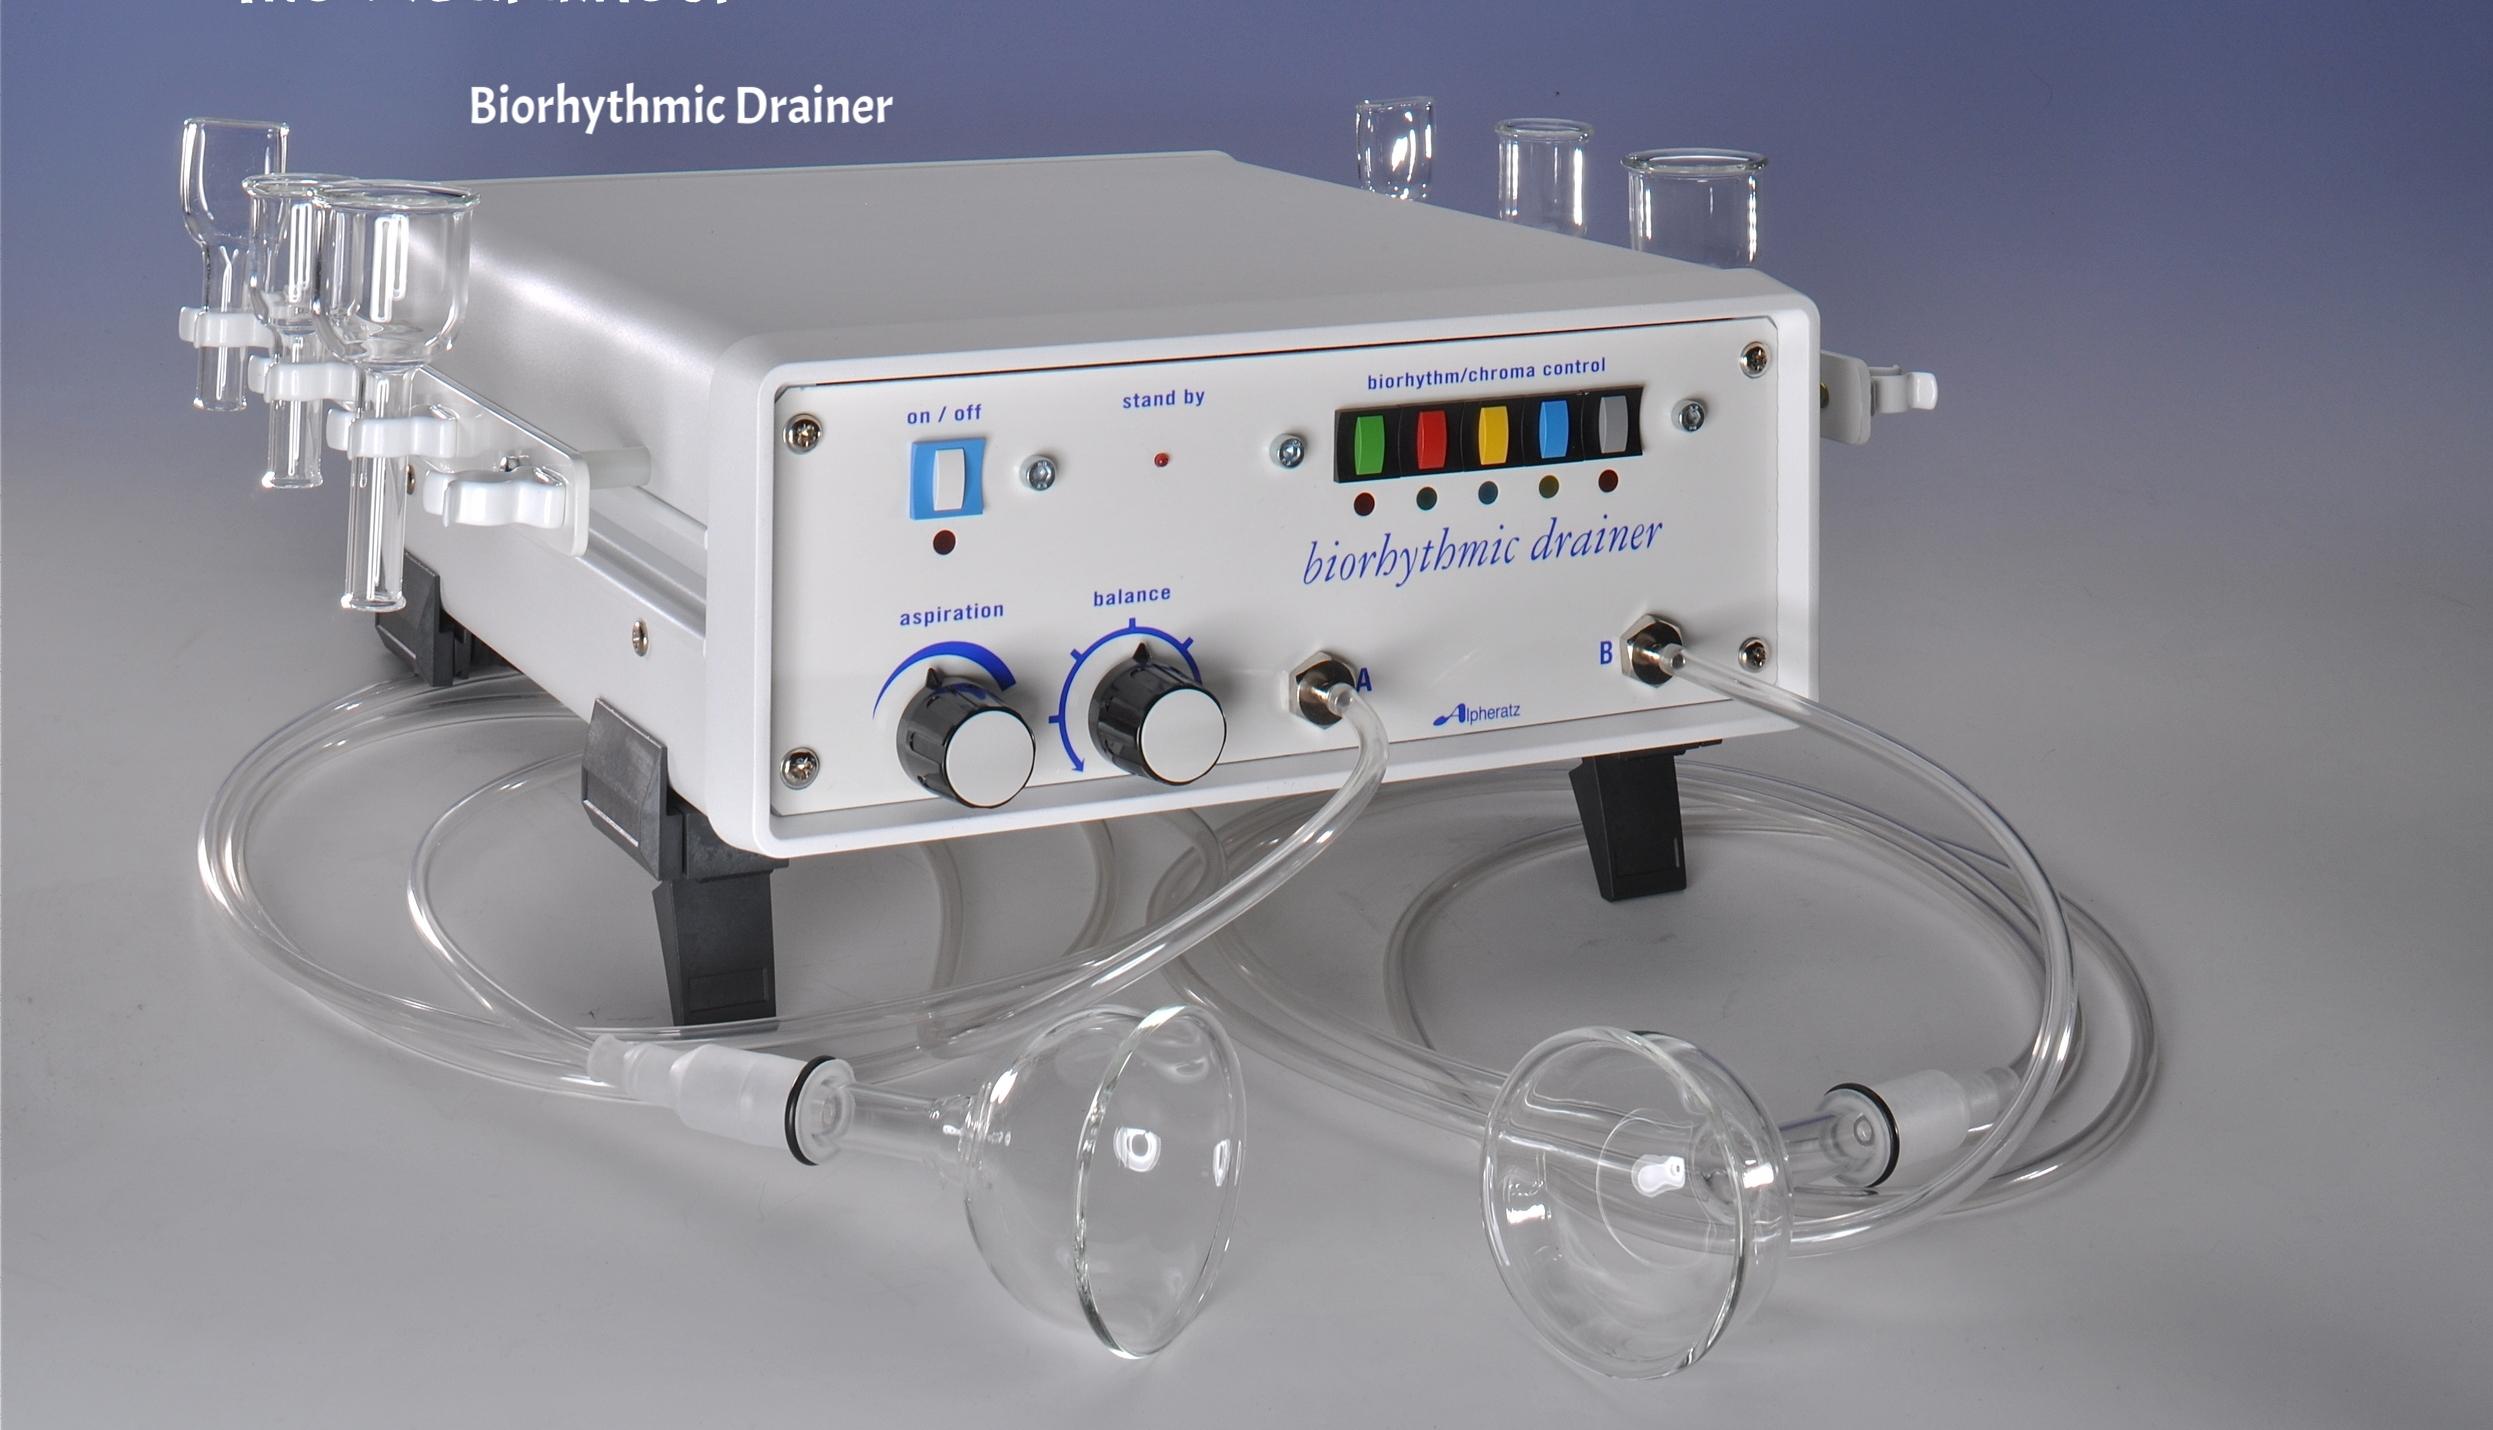 Biorhythmic Drainer